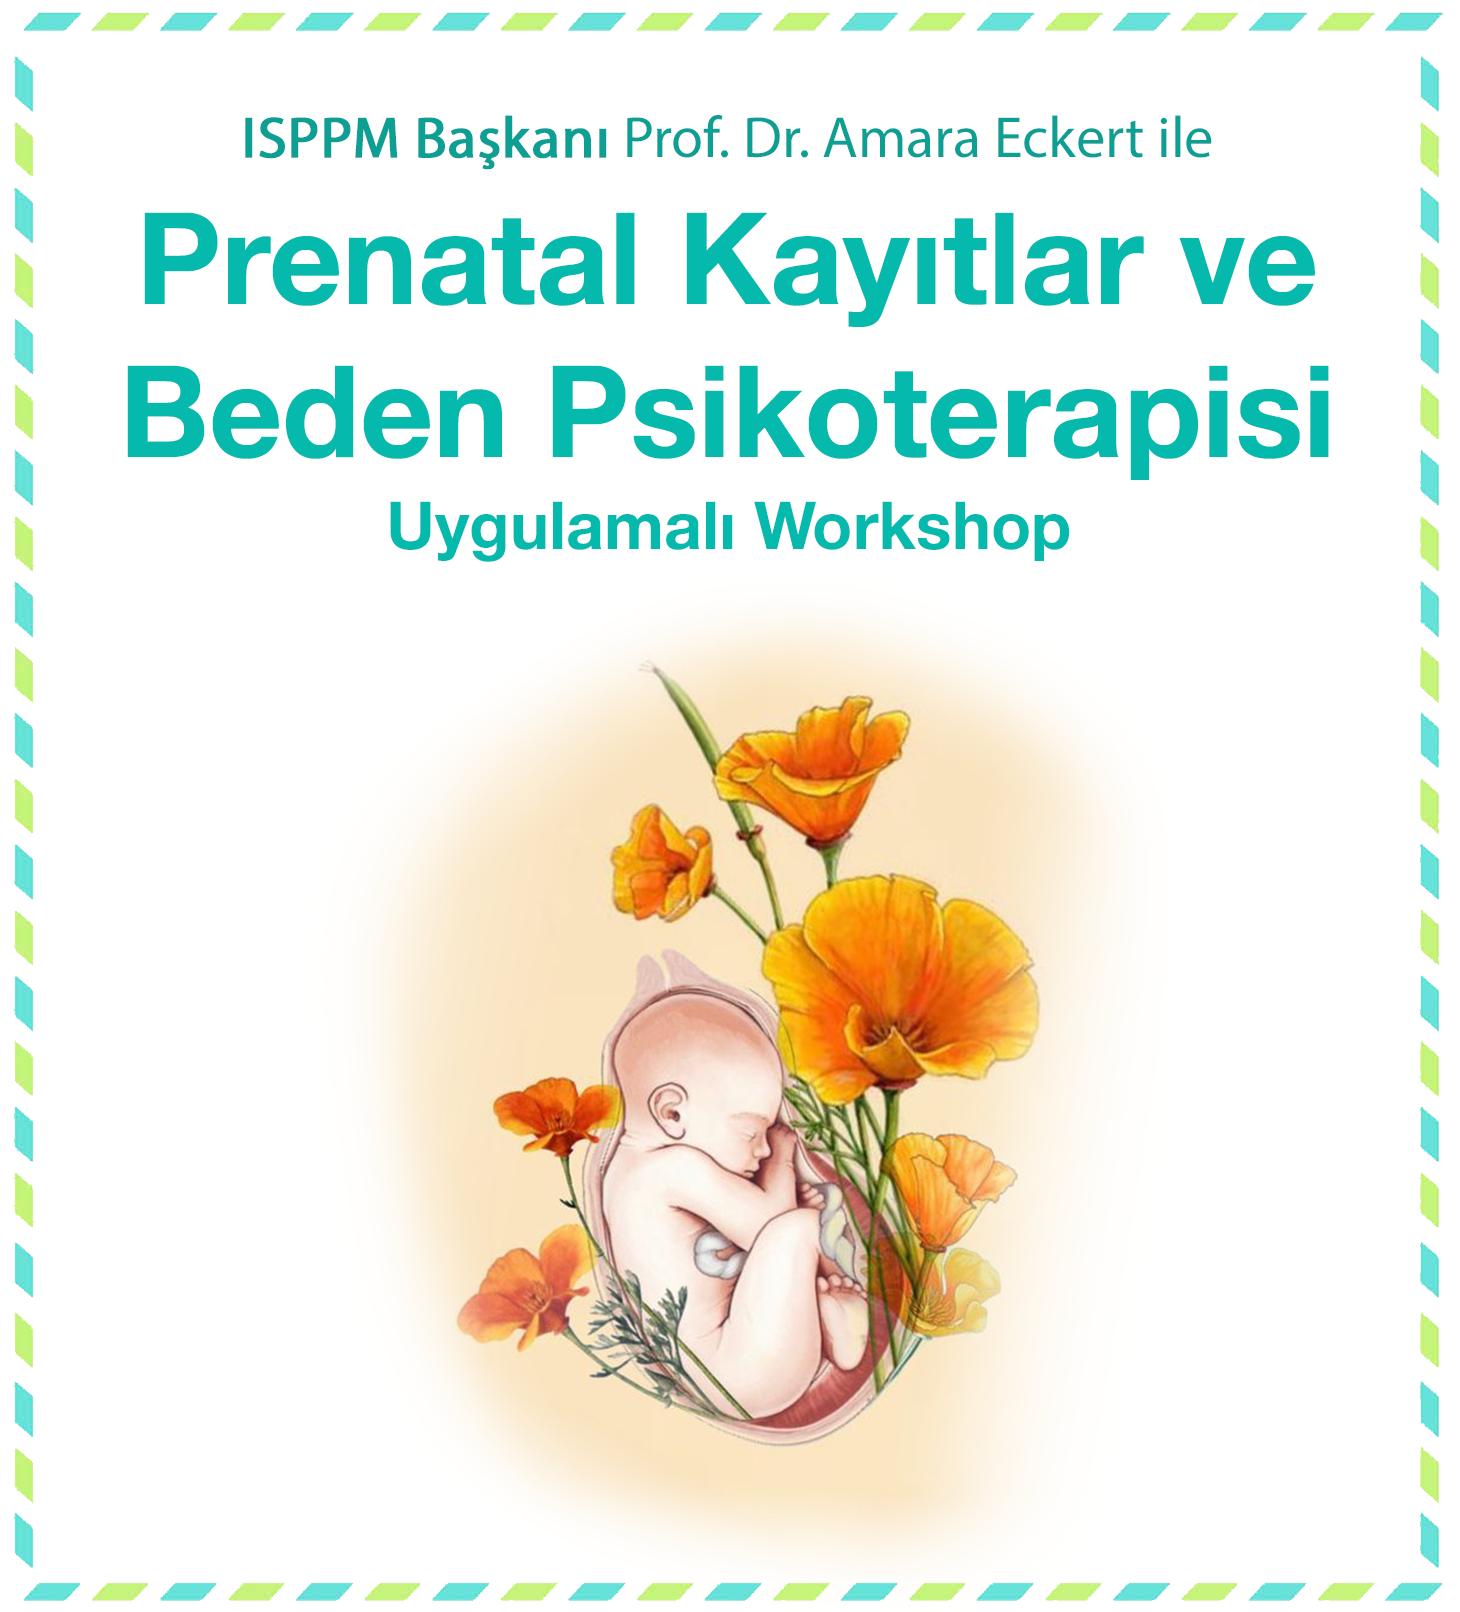 Prenatal Kayıtlar ve Beden Psikoterapisi Atölyesi yapıldı.